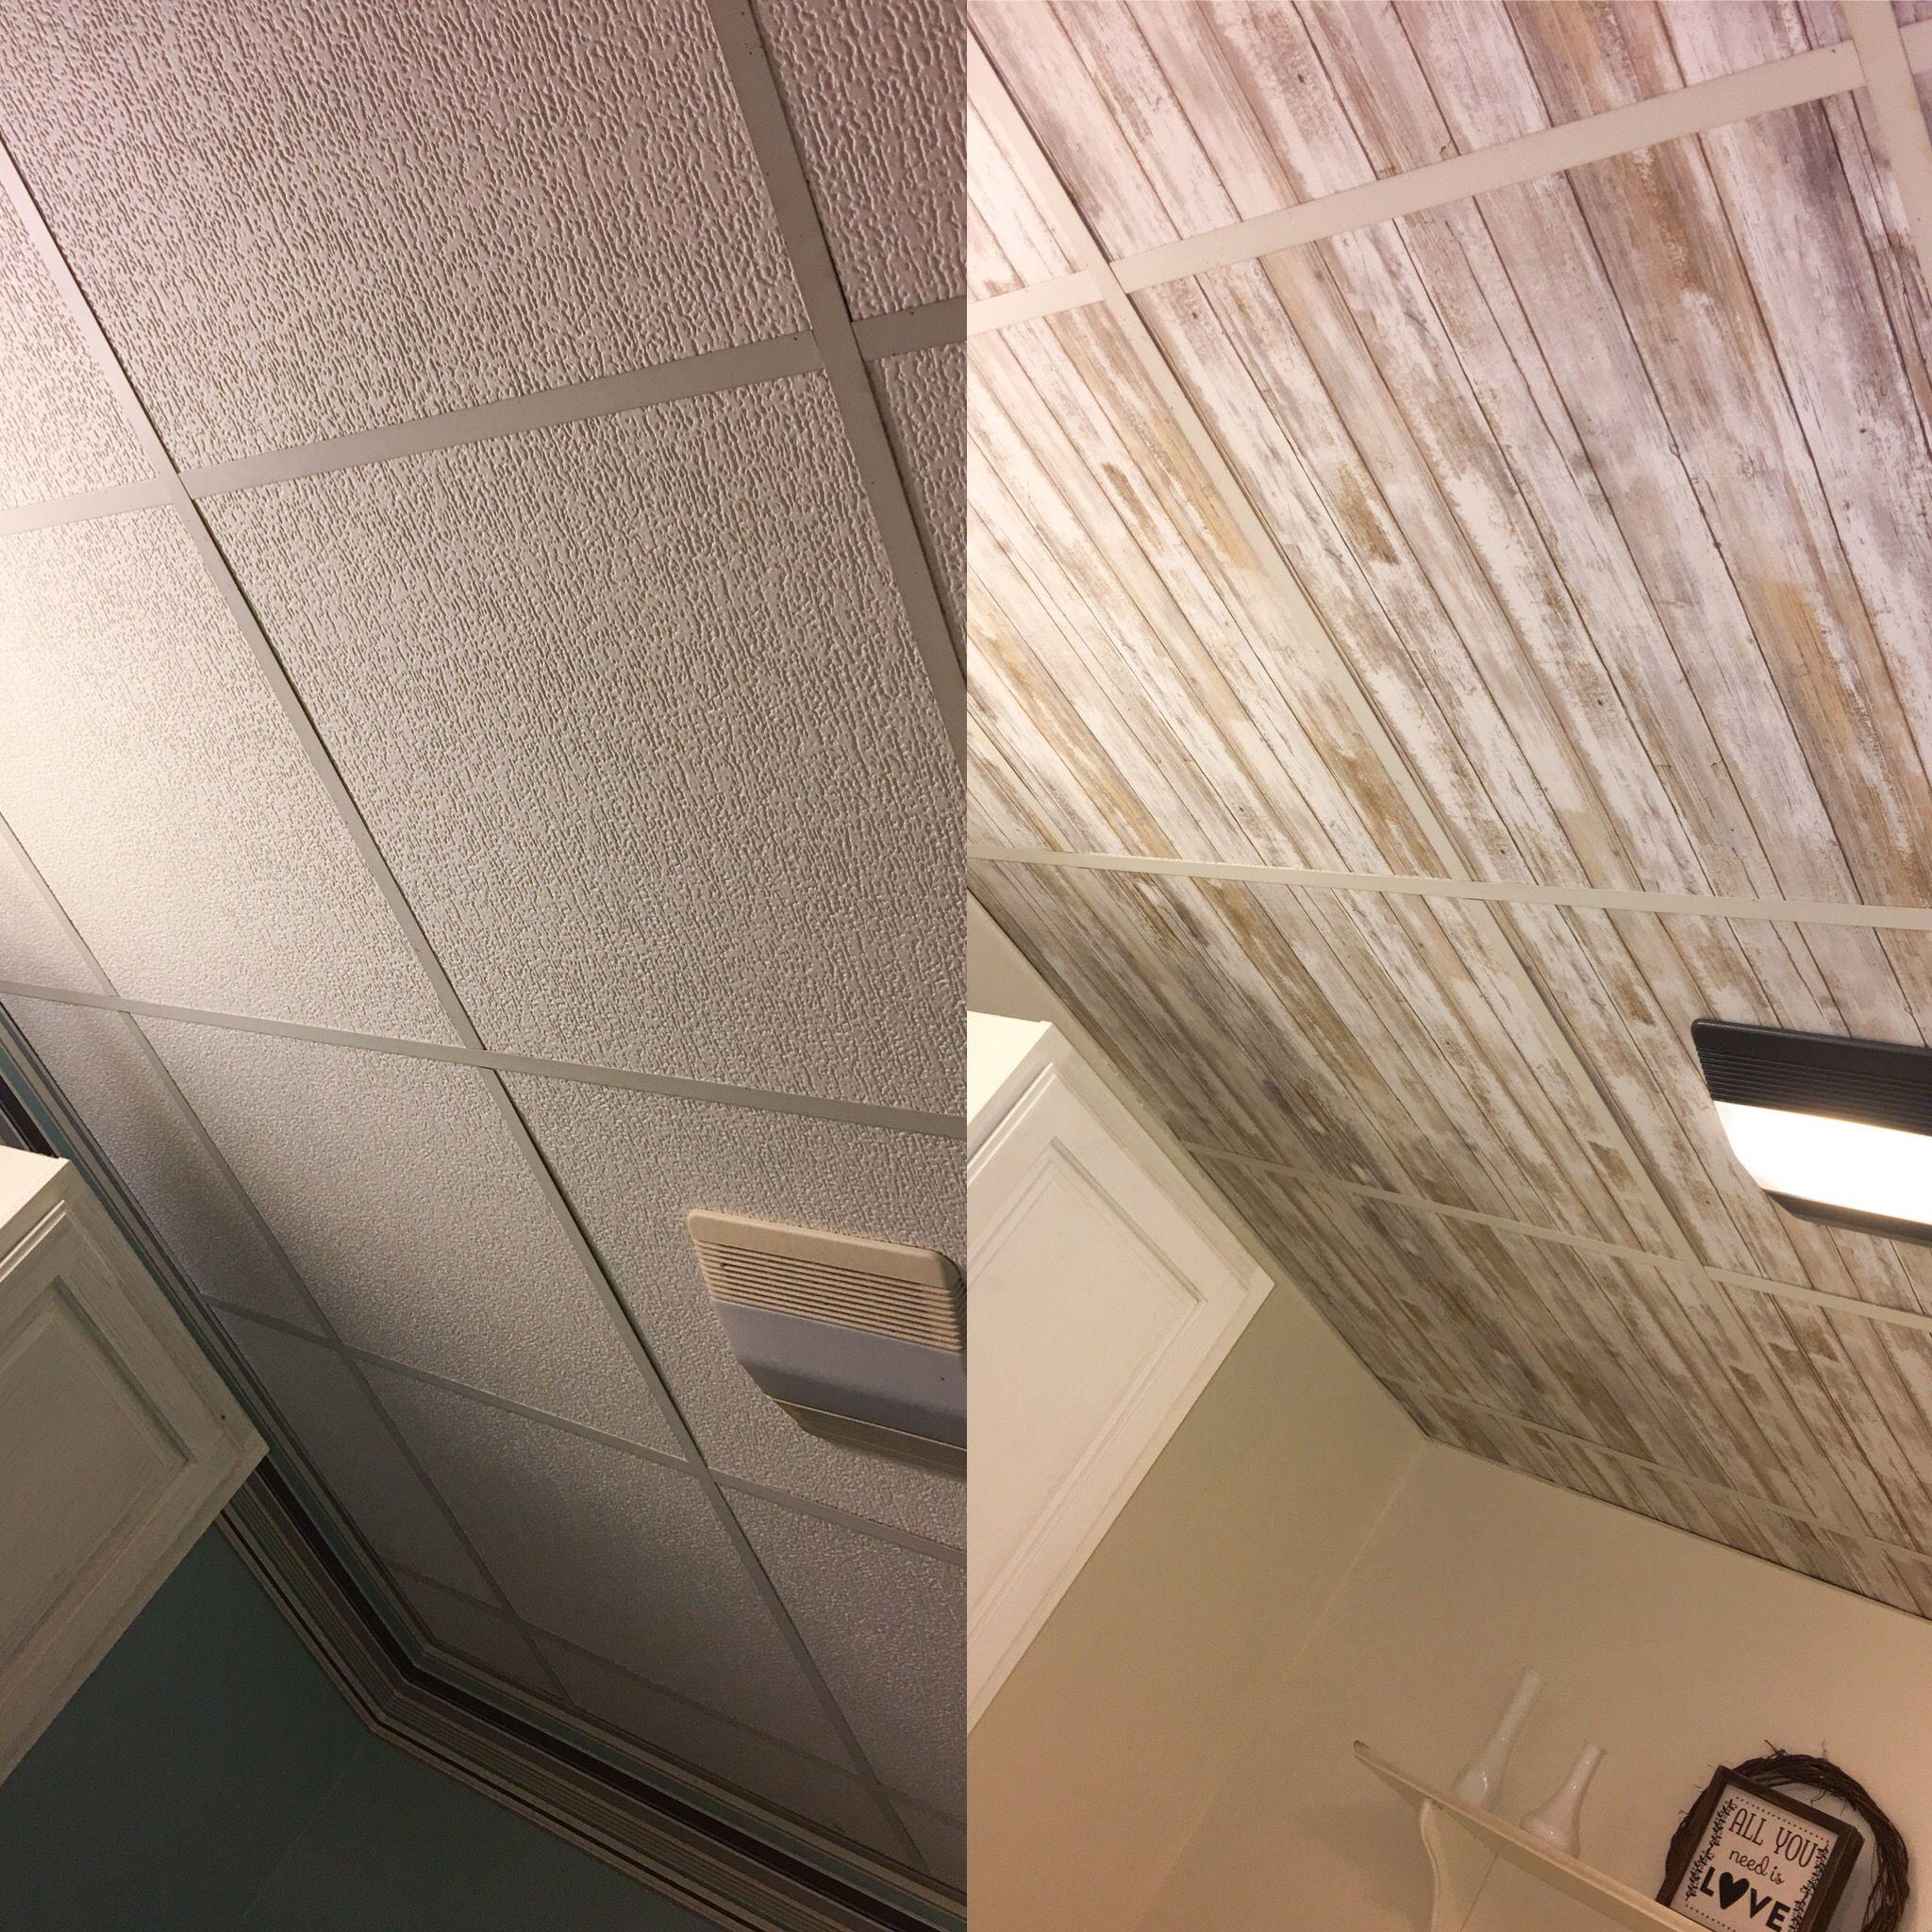 Wallpapered Drop Ceiling Update Drop Ceilings With Peel